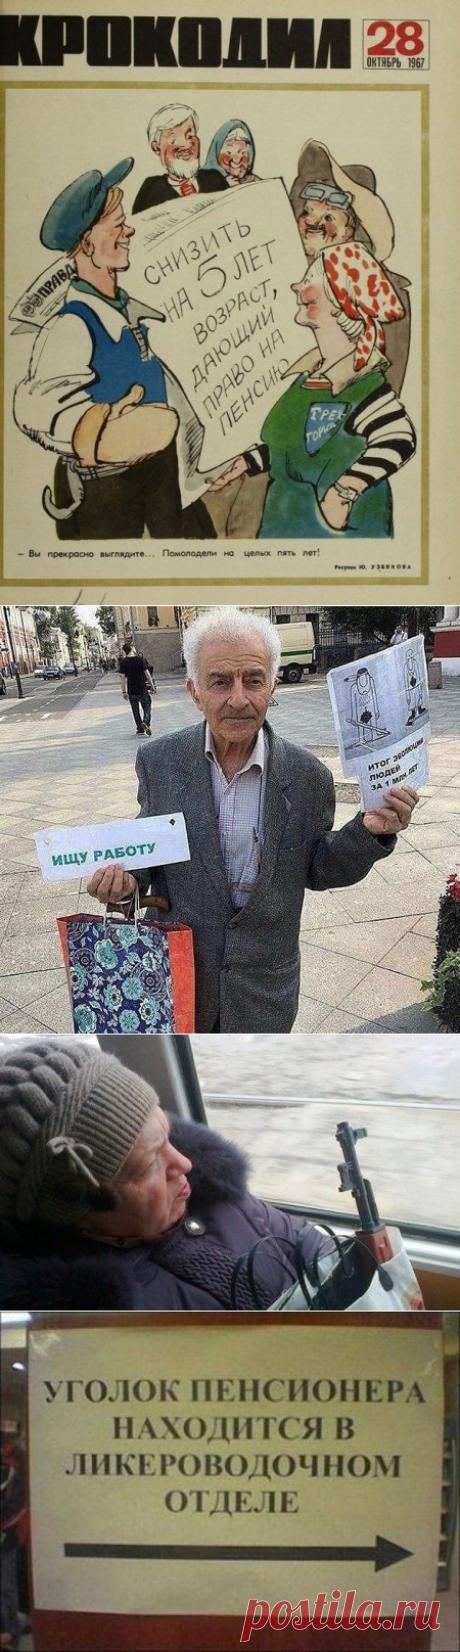 Уж лучше не доживать в России до пенсии / Всё самое лучшее из интернета